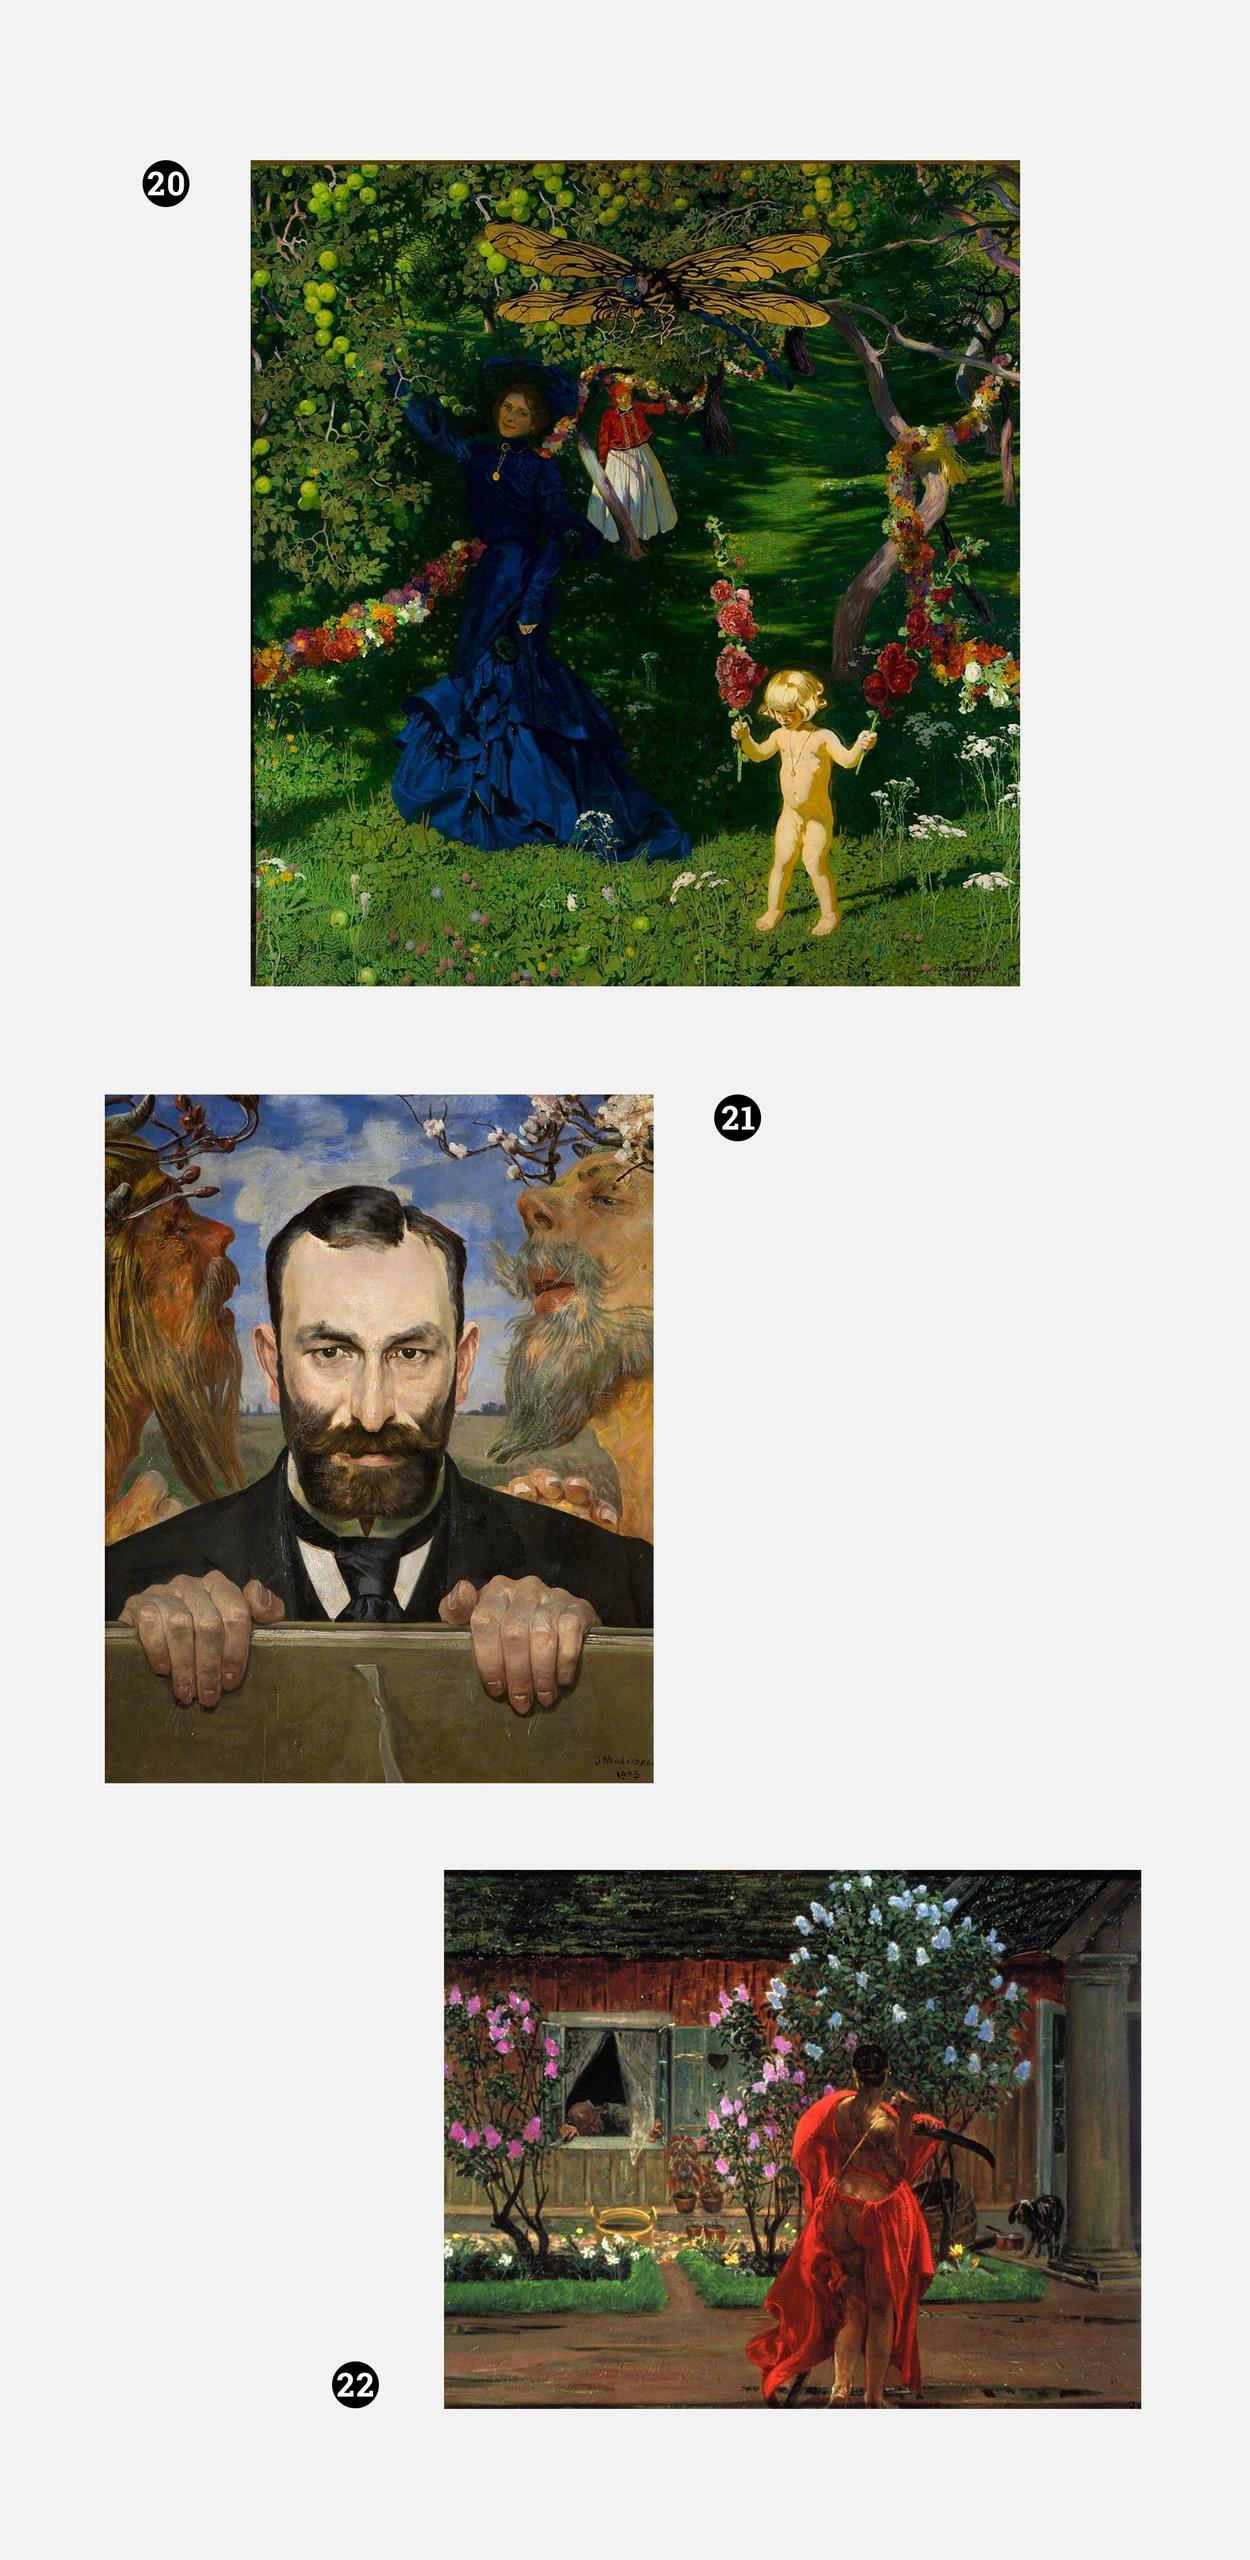 Obraz przedstawia zdjęcia obrazów znanych polskich malarzy na szarym tle.